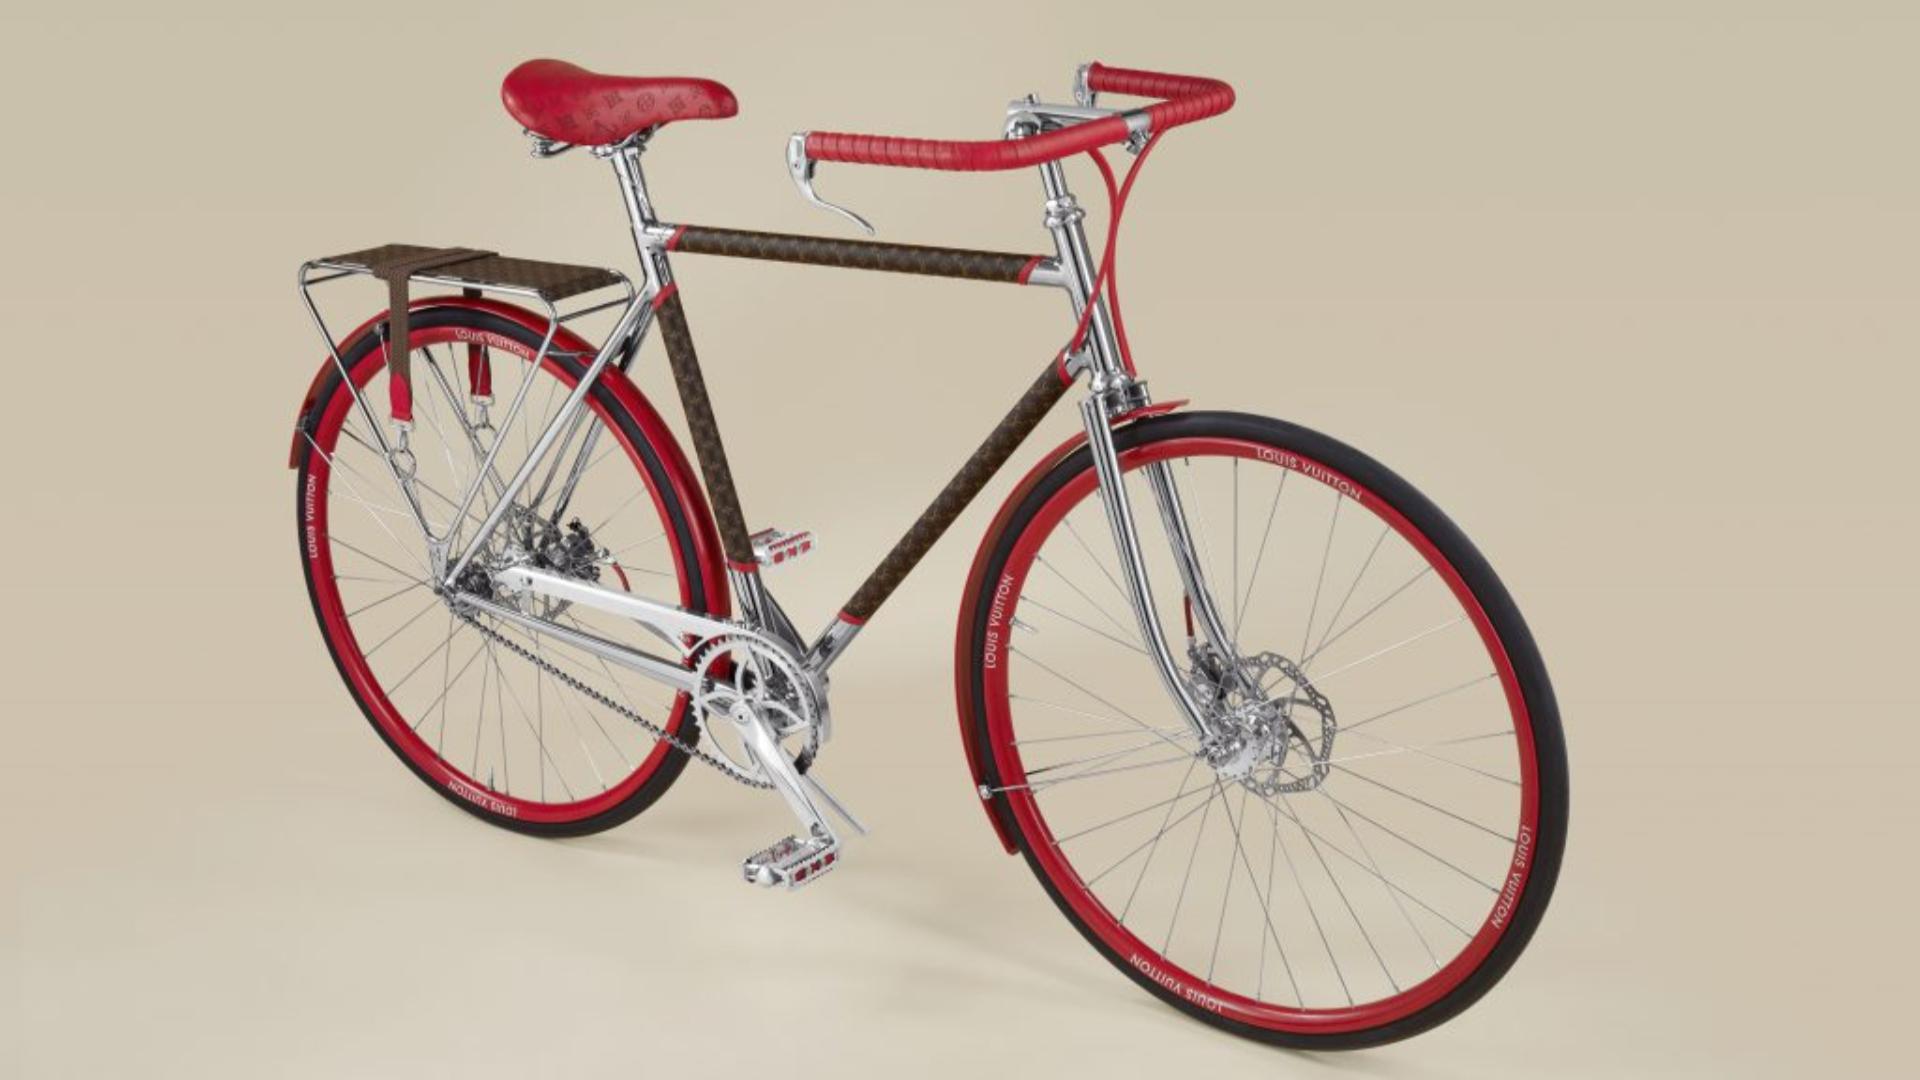 Louis Vuitton lanzo su línea de bicicletas